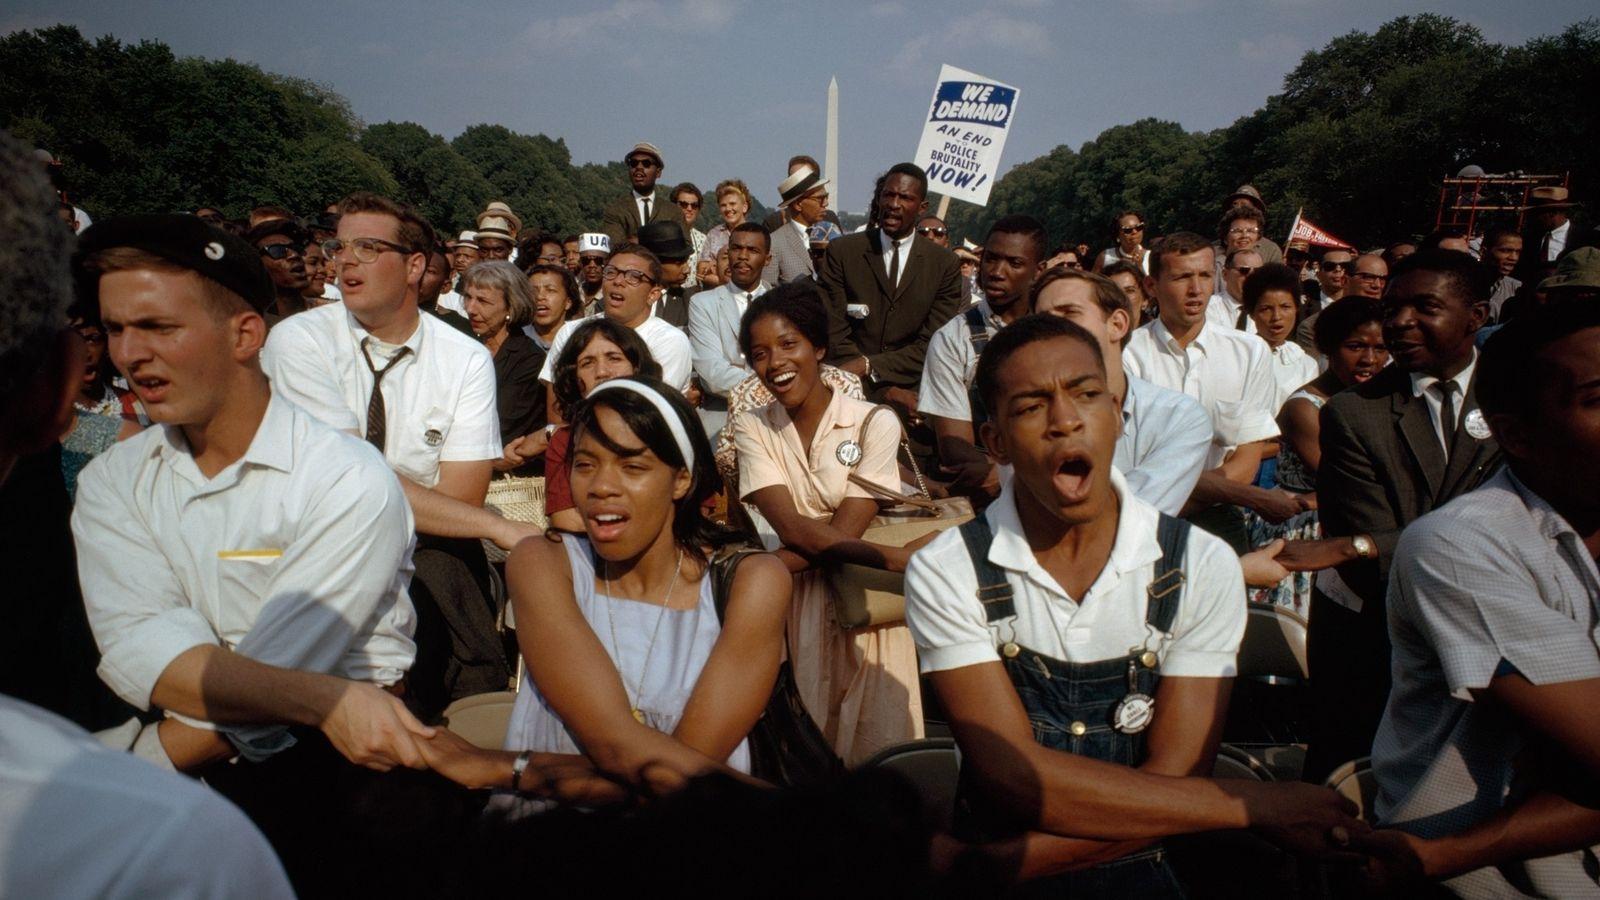 La marche de 1963 sur Washington pour l'emploi et la liberté a rassemblé des personnes issues ...